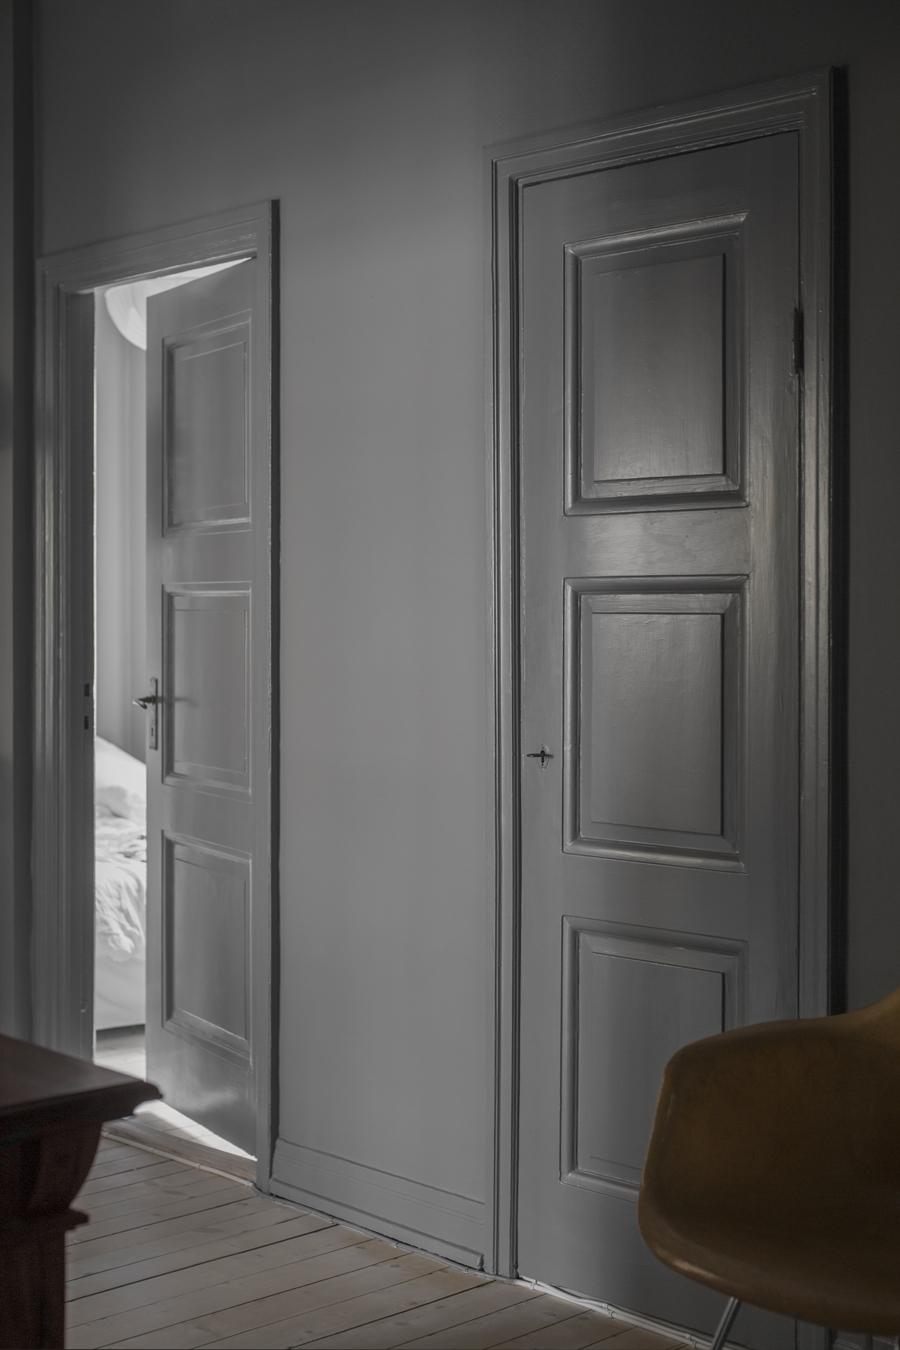 två dörrar målade i samma gråa färg som väggen